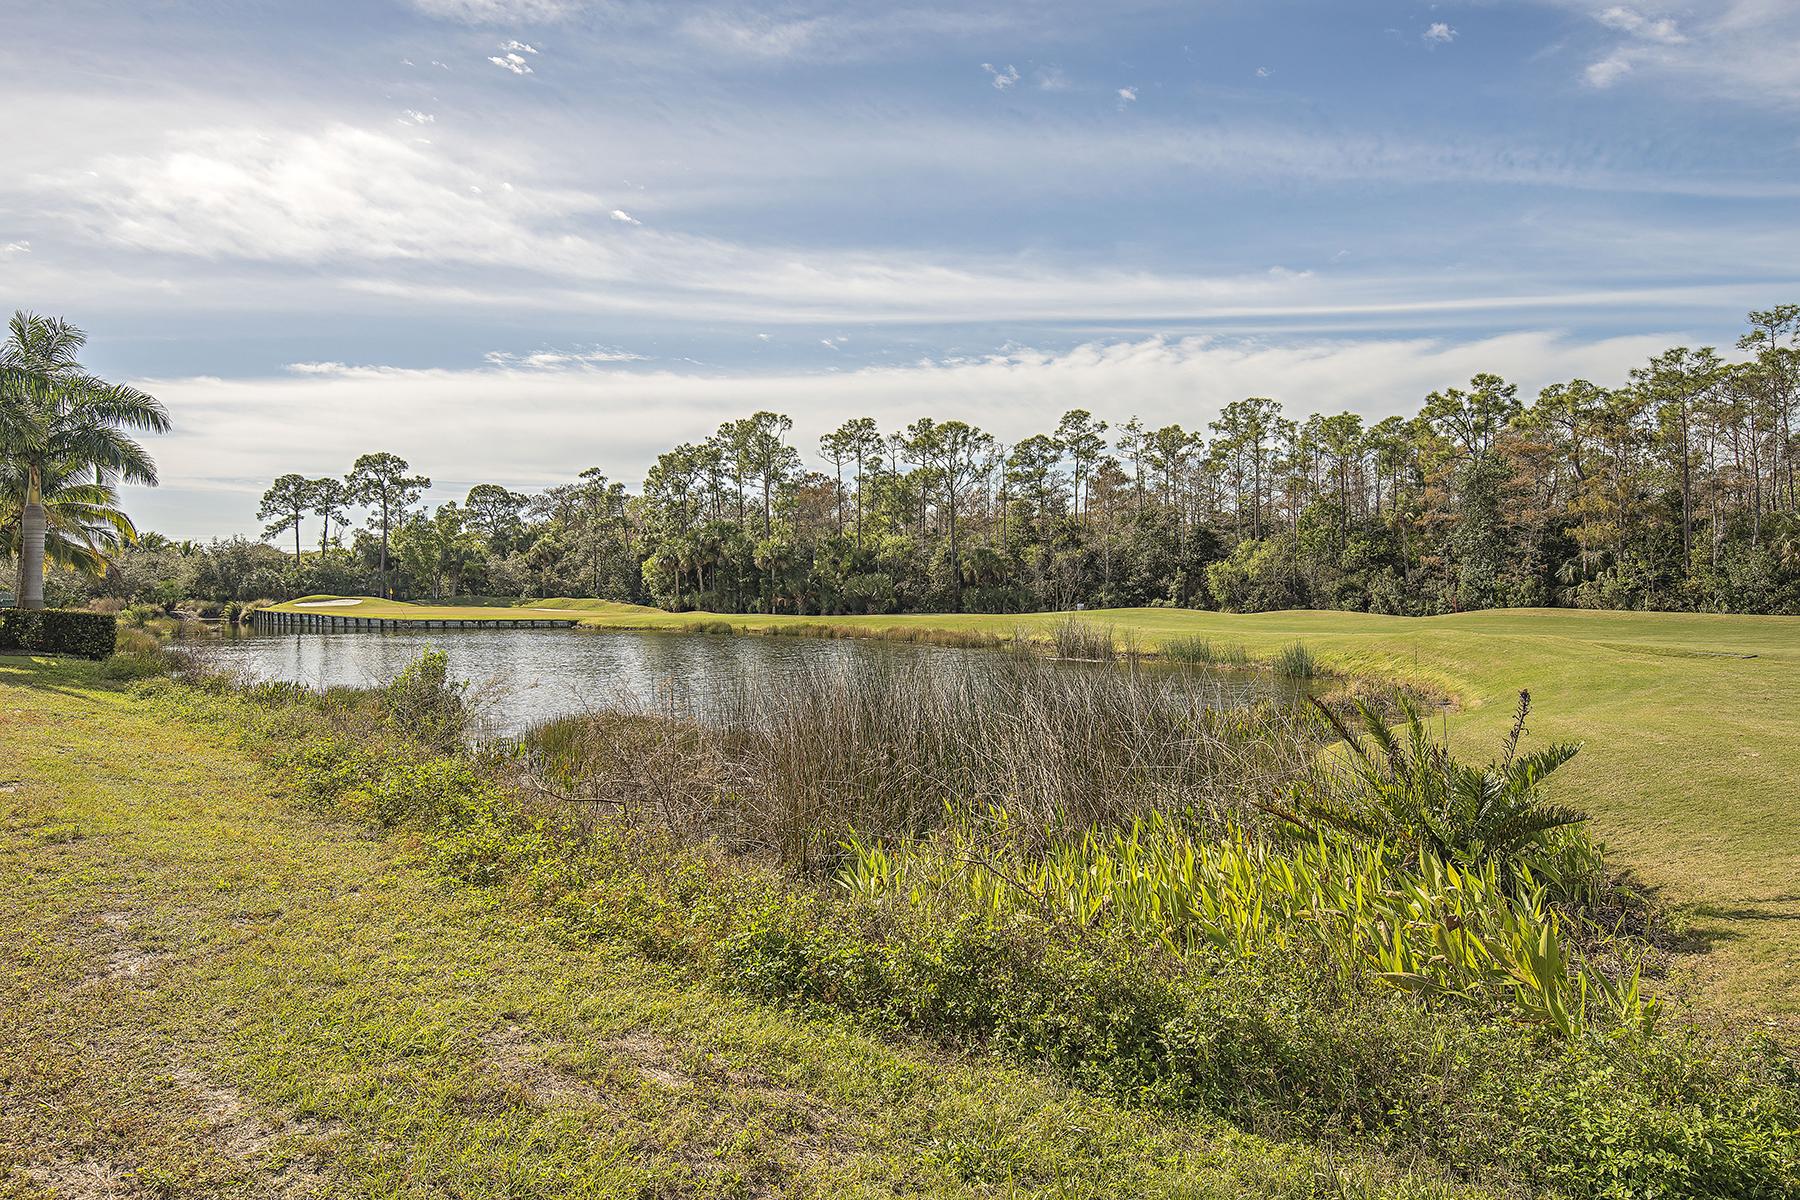 Đất đai vì Bán tại 1227 Gordon River Trl , Naples, FL 34105 1227 Gordon River Trl Naples, Florida, 34105 Hoa Kỳ